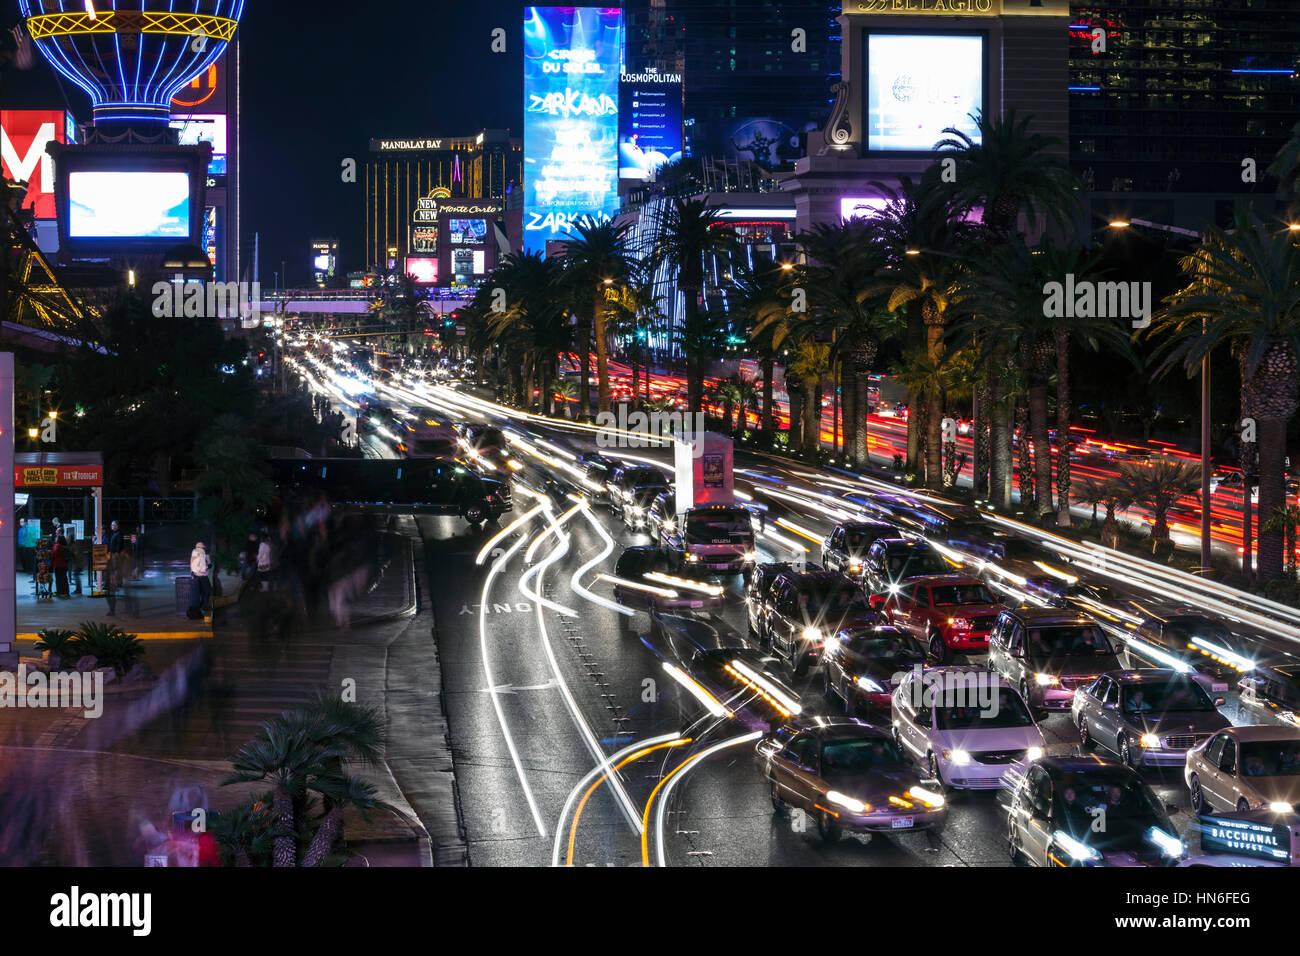 Voir l'éditorial de la fréquentation touristique sur le Strip de Las Vegas. Photo Stock